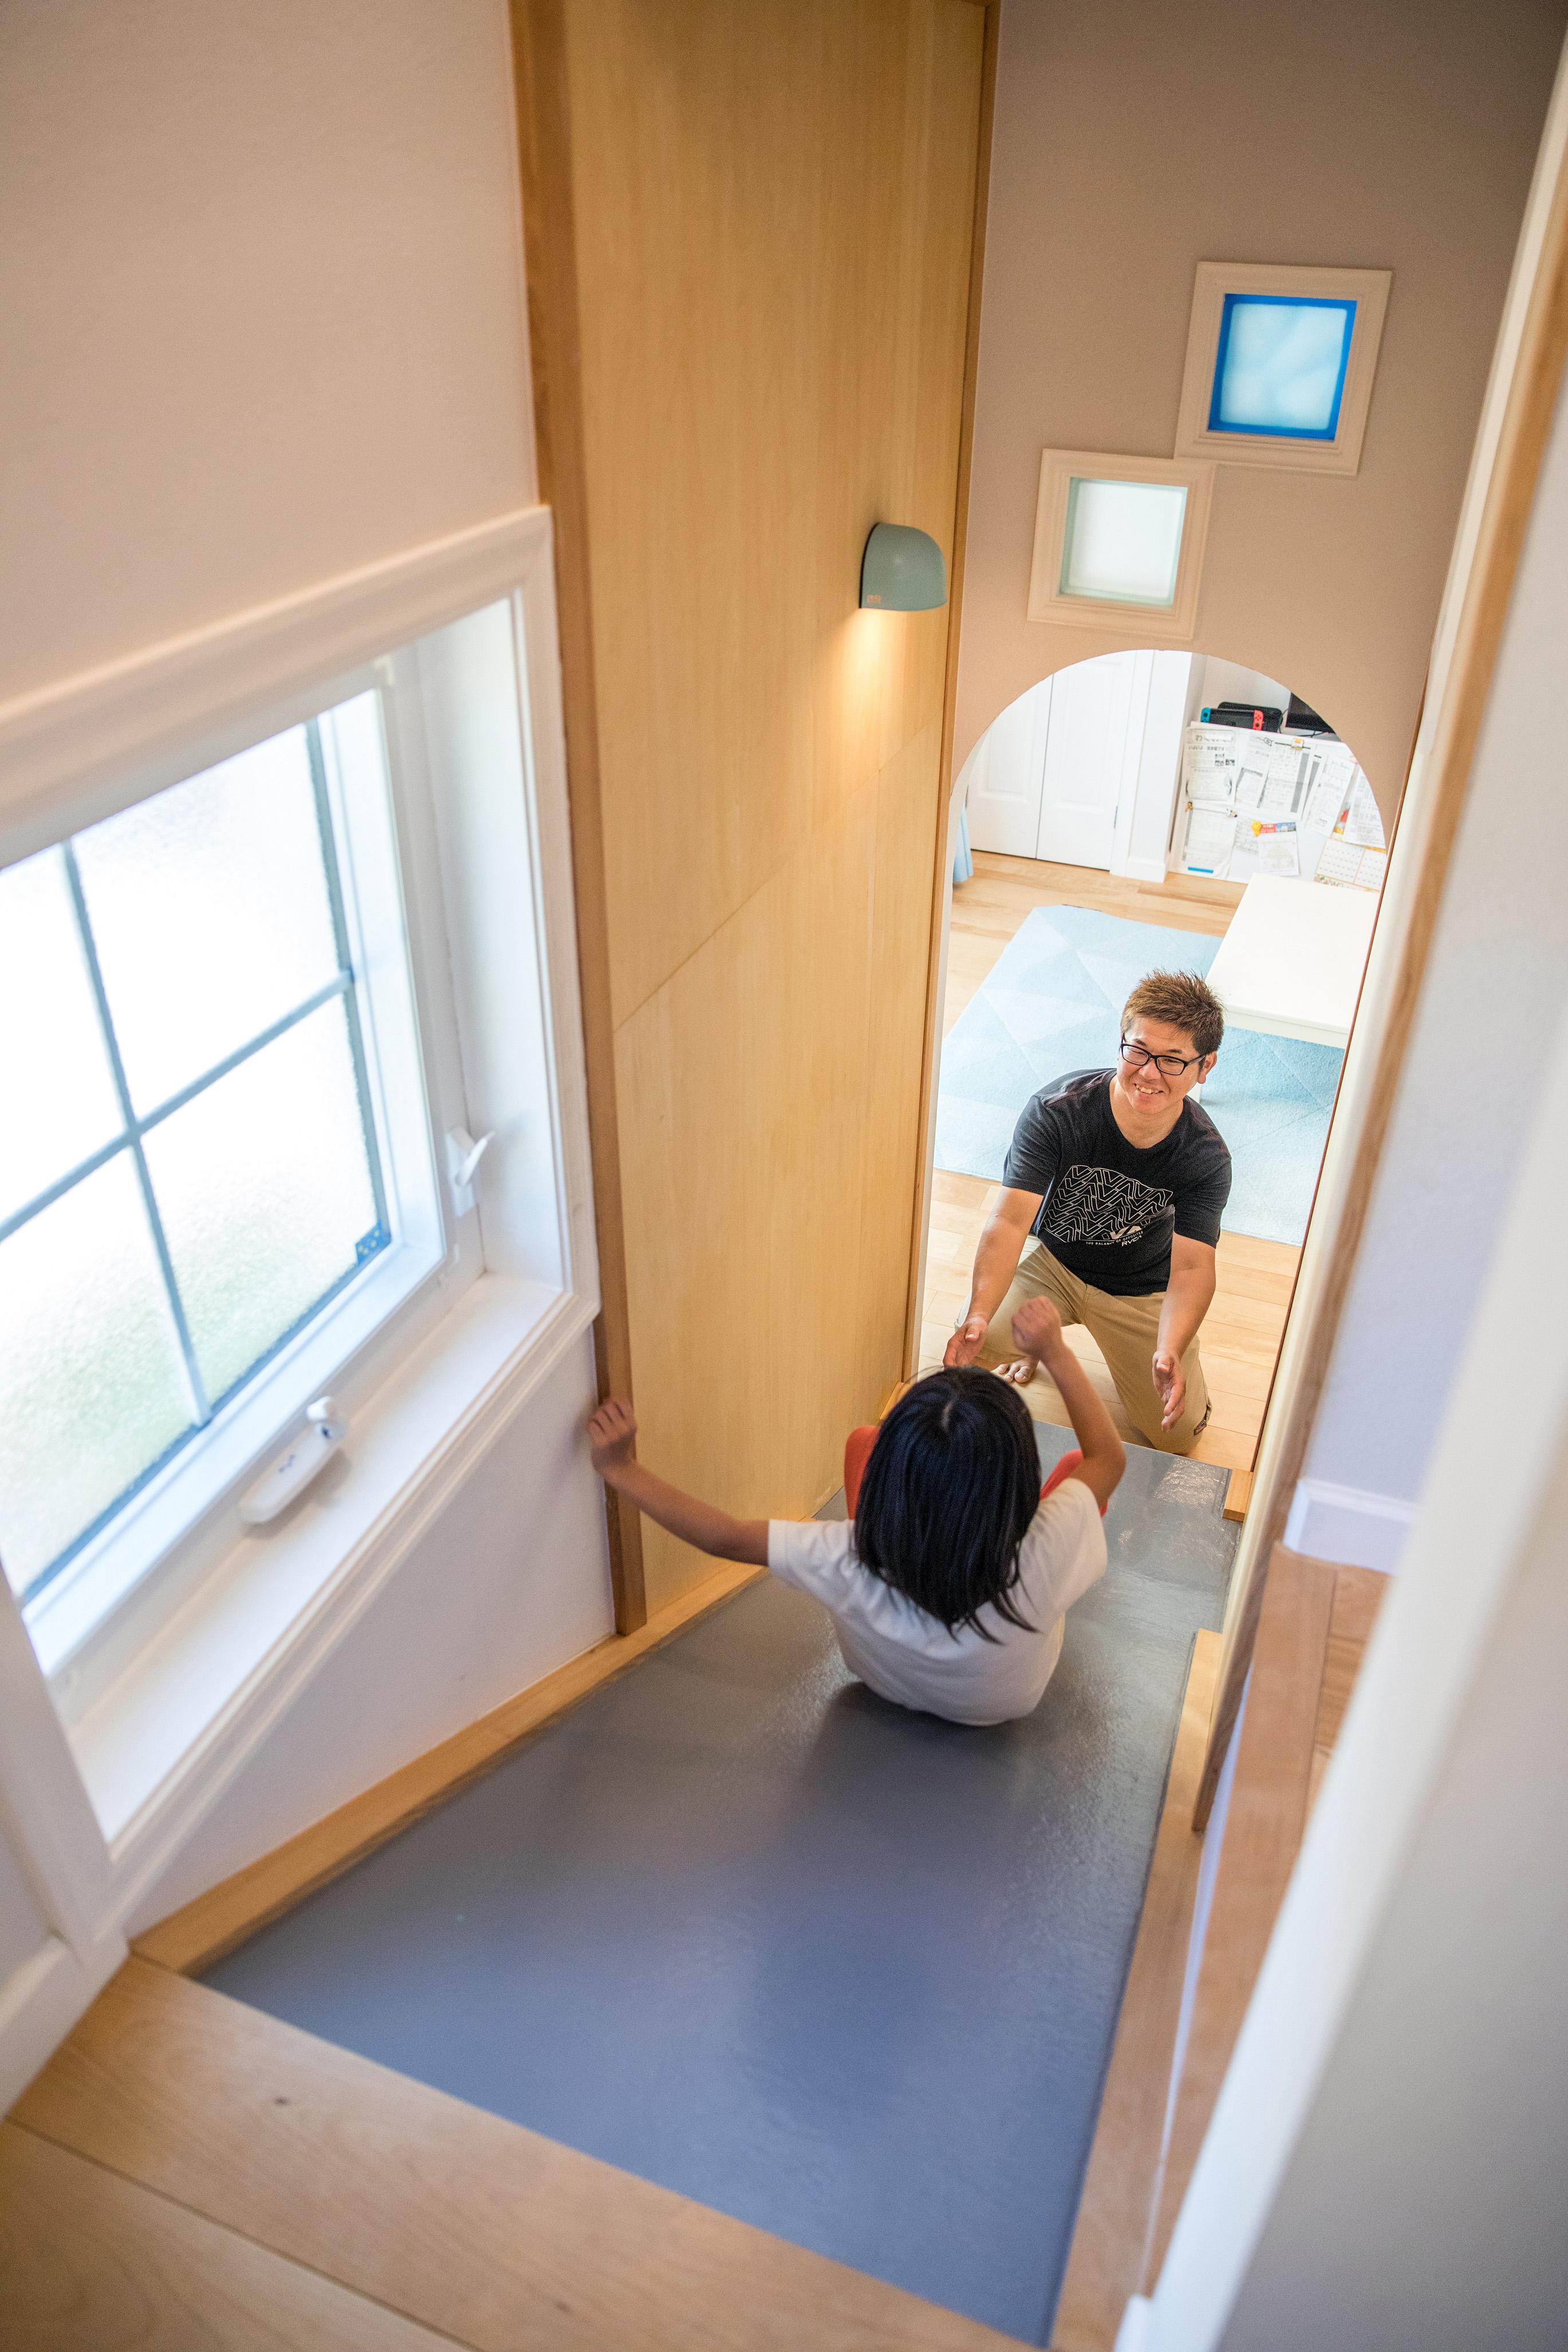 スカイグラウンド【デザイン住宅、子育て、趣味】『スカイグラウンド』特製のすべり台。お施主さんの夢にとことん寄り添ってくれる